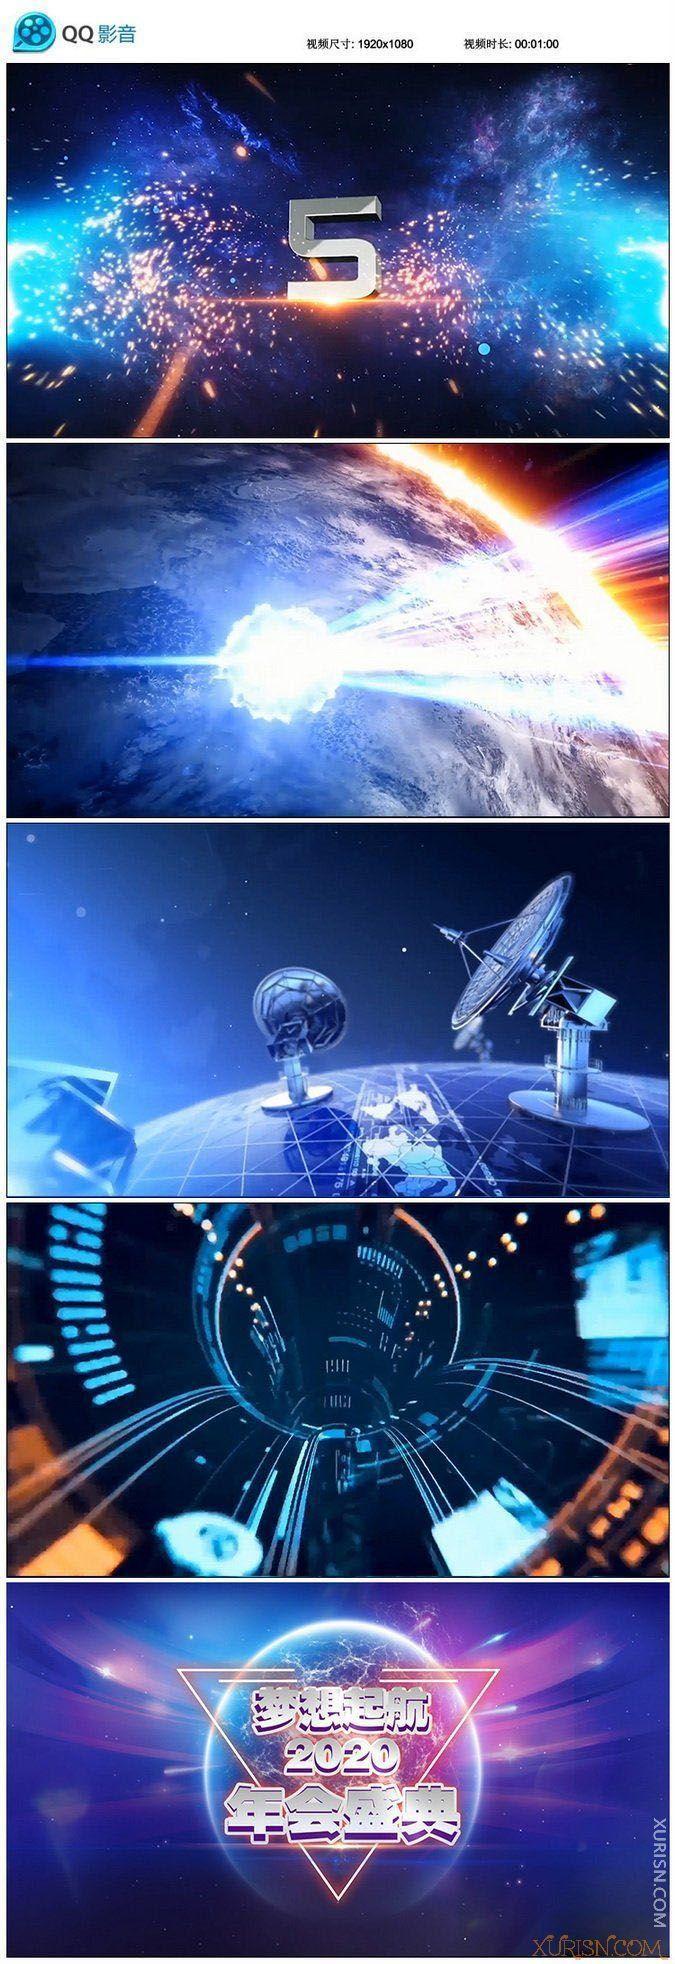 影音模板-2020鼠年震撼大气宇宙光线倒计时企业年会晚会开场视频片头(4)